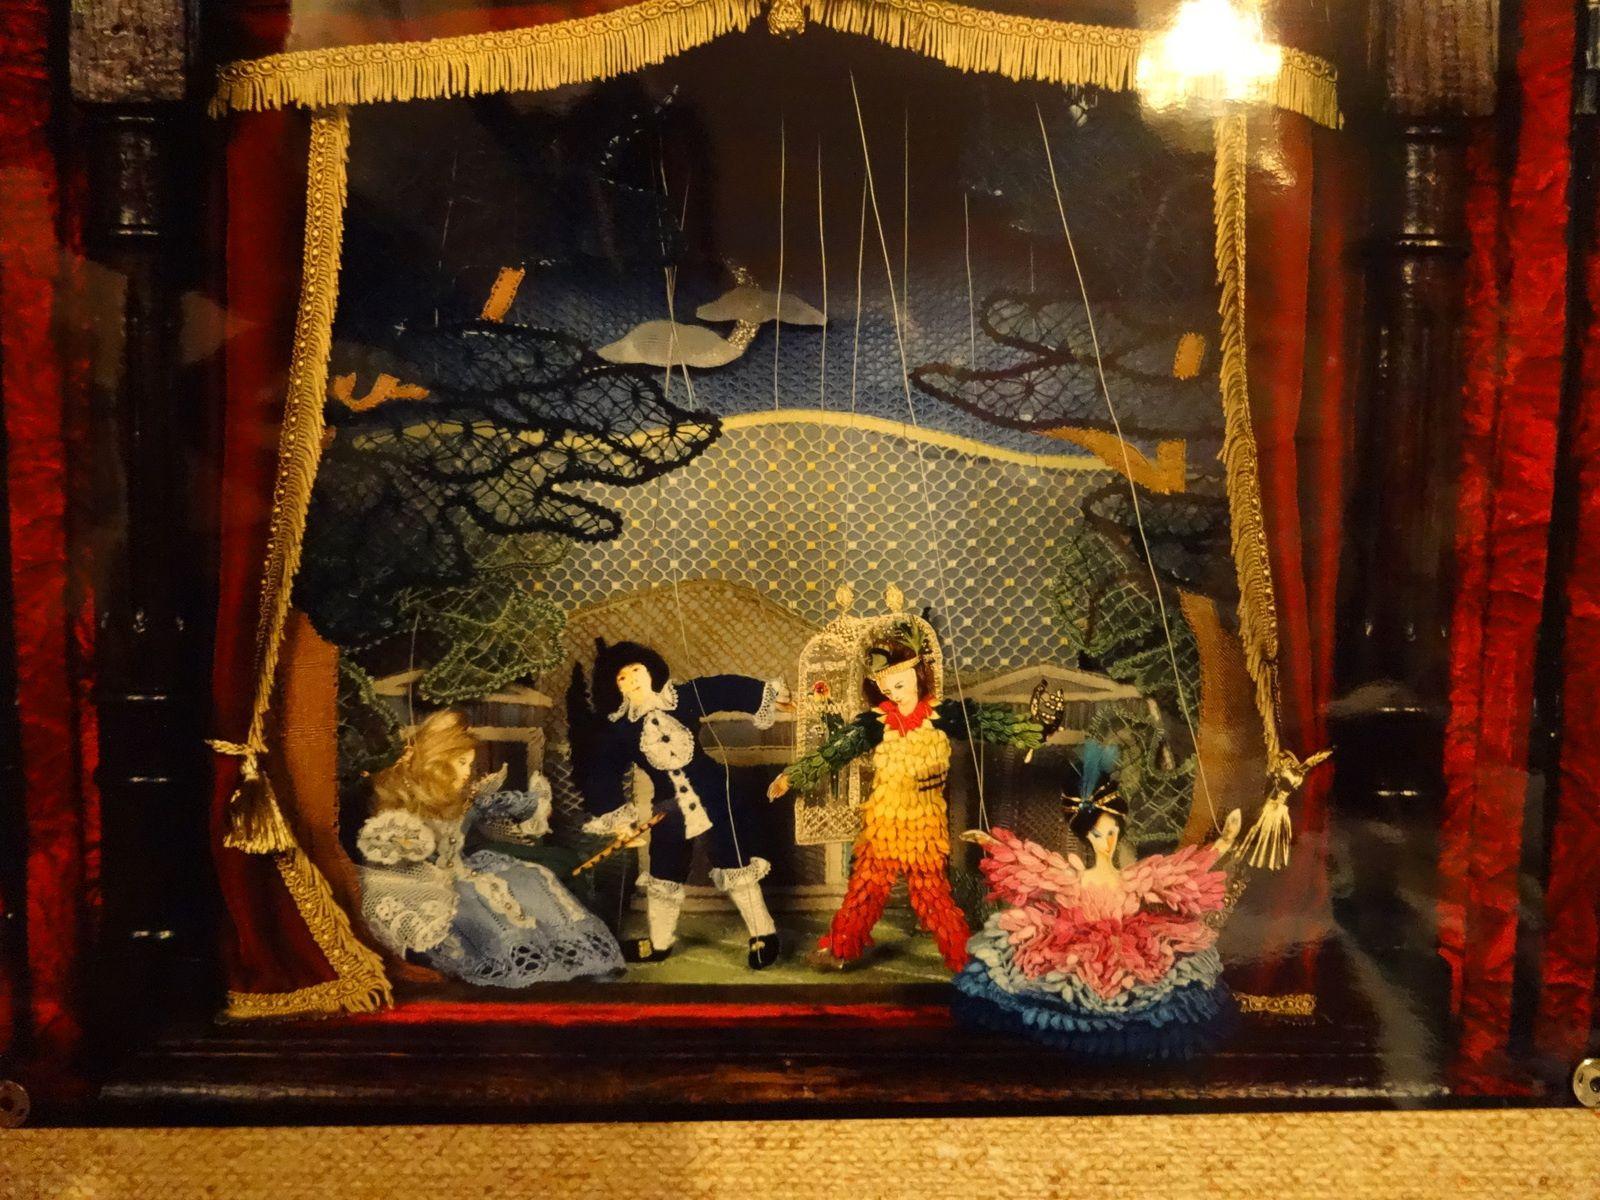 """Reproduction imaginée...du Théâtre de Marionnette de Salzbourg en Autriche """" La Flûte enchantée de W.Mozart"""